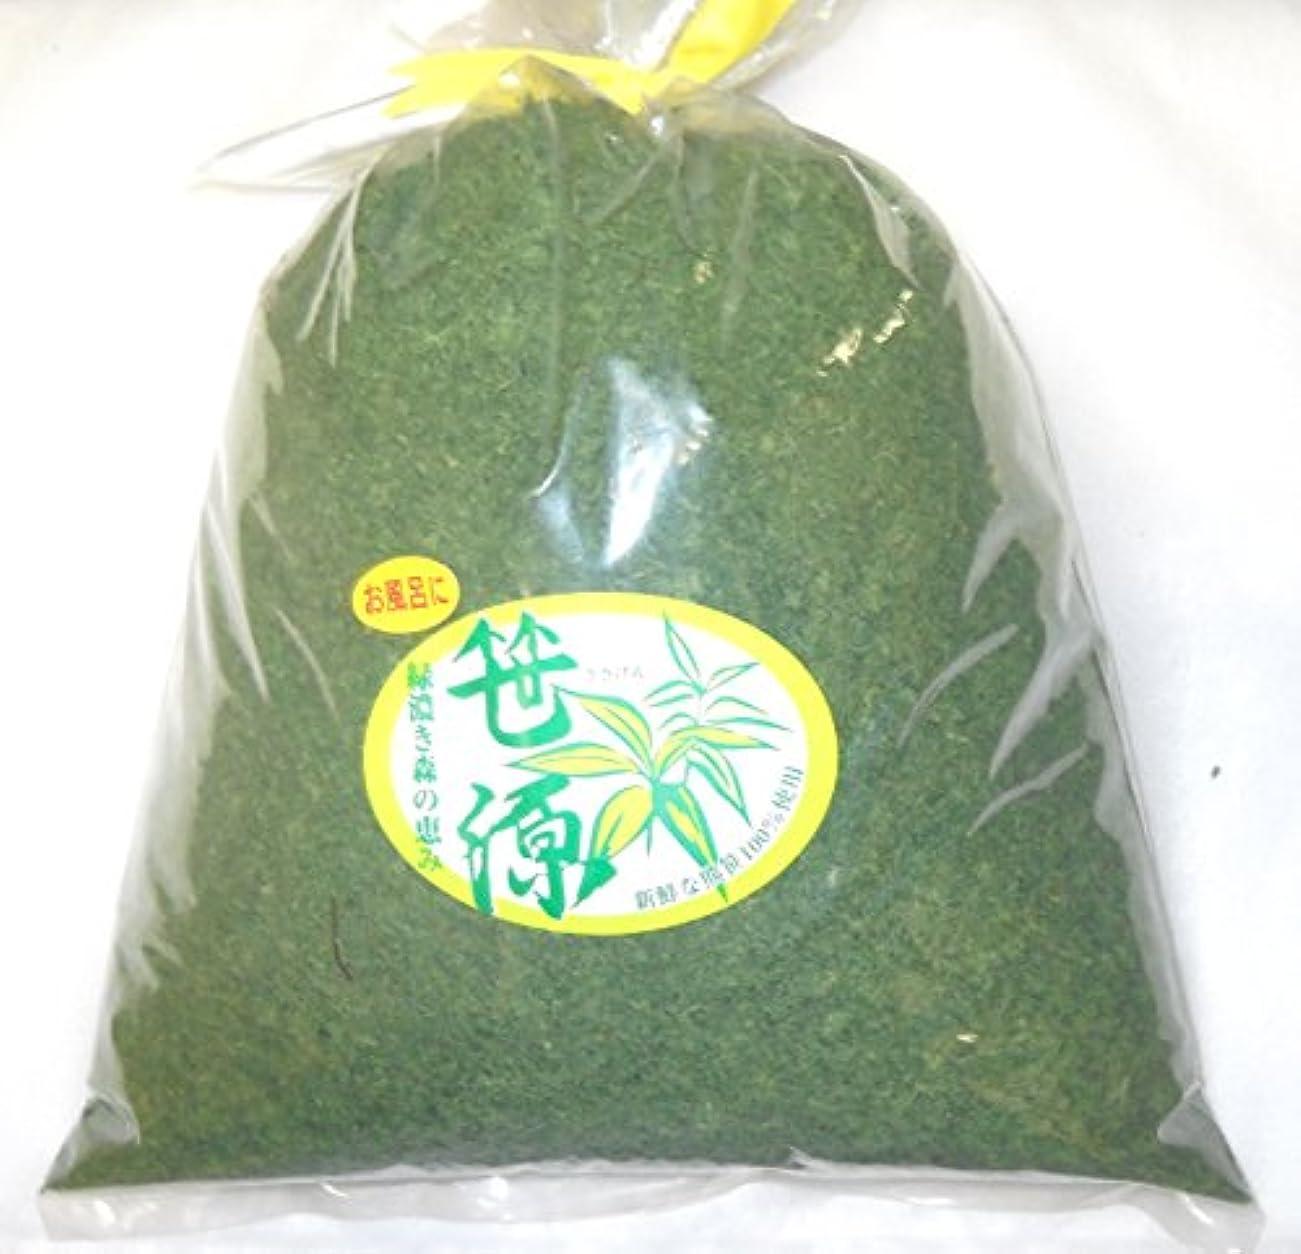 虫を数える求人エゴマニア【産地直送】長野県産クマ笹 笹源(生)2kg 無添加浴用剤